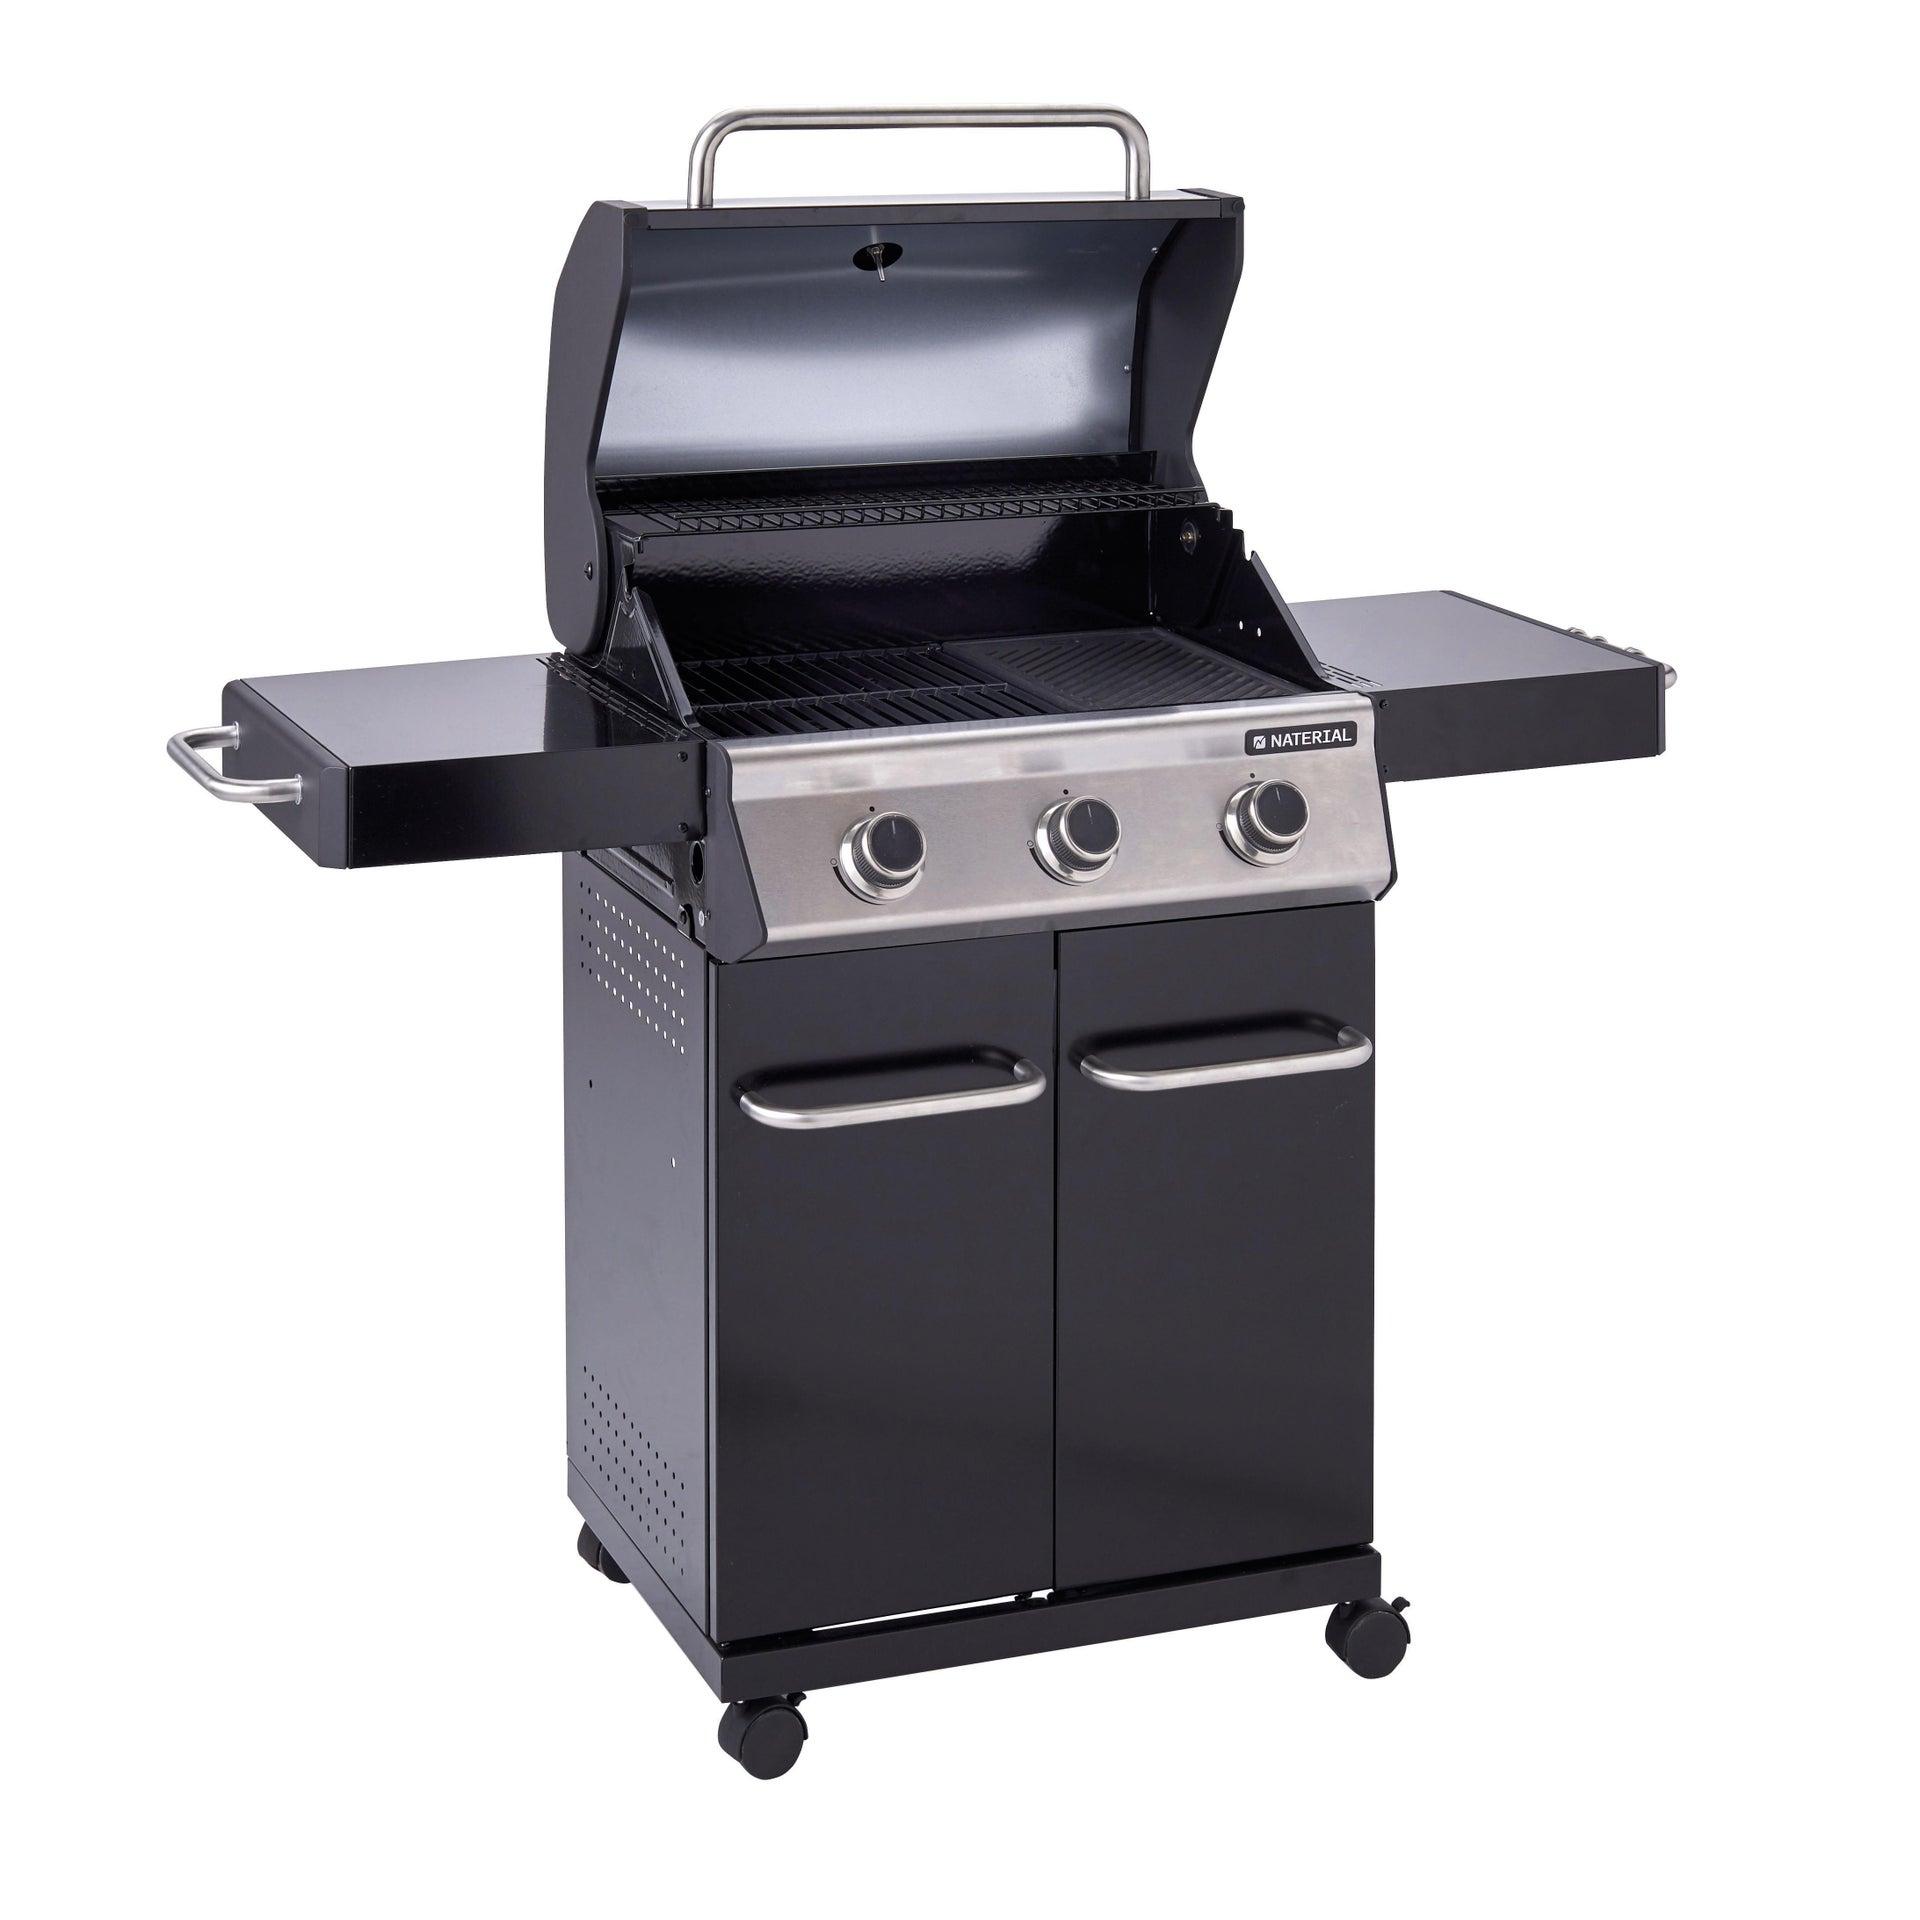 Barbecue a gas NATERIAL Kenton 3 bruciatori - 5